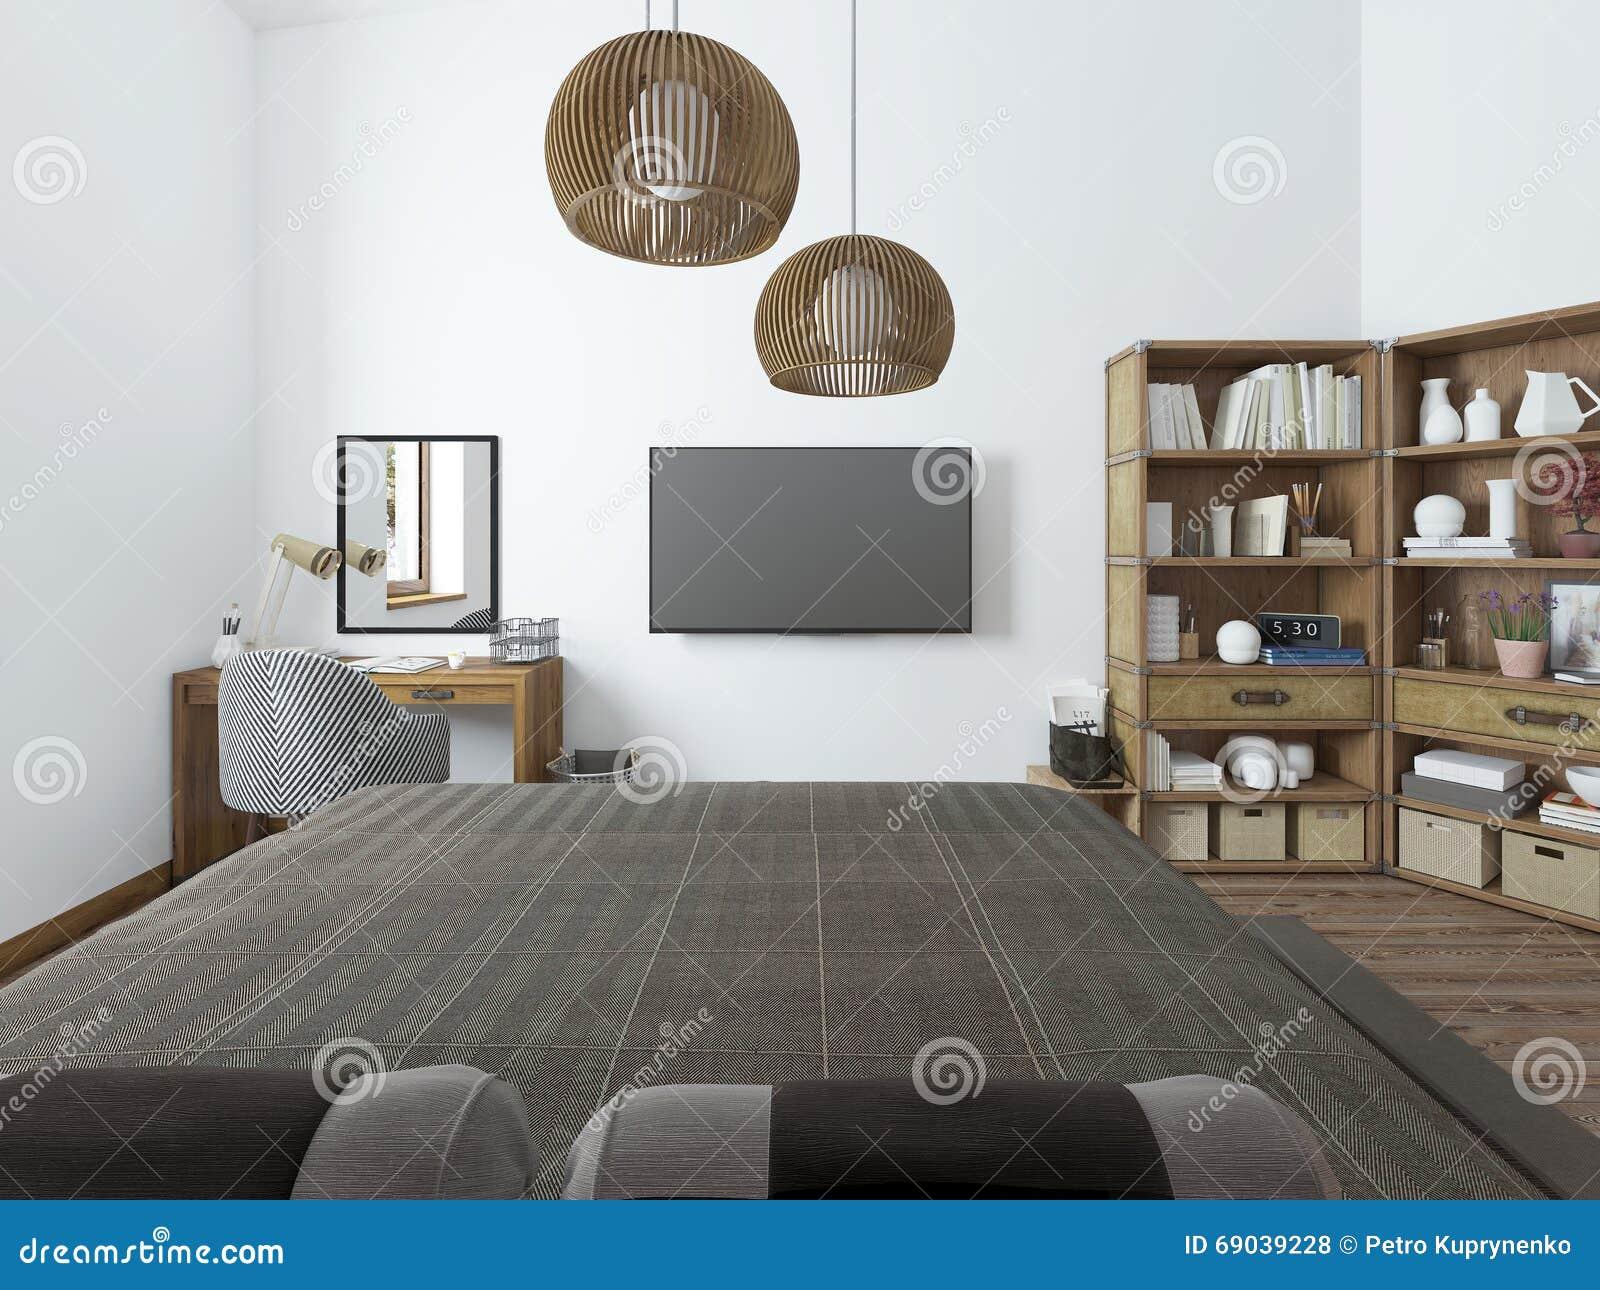 Camera da letto con lo scrittorio della tv e scaffali per i libri fotografia stock editoriale - I segreti della camera da letto ...